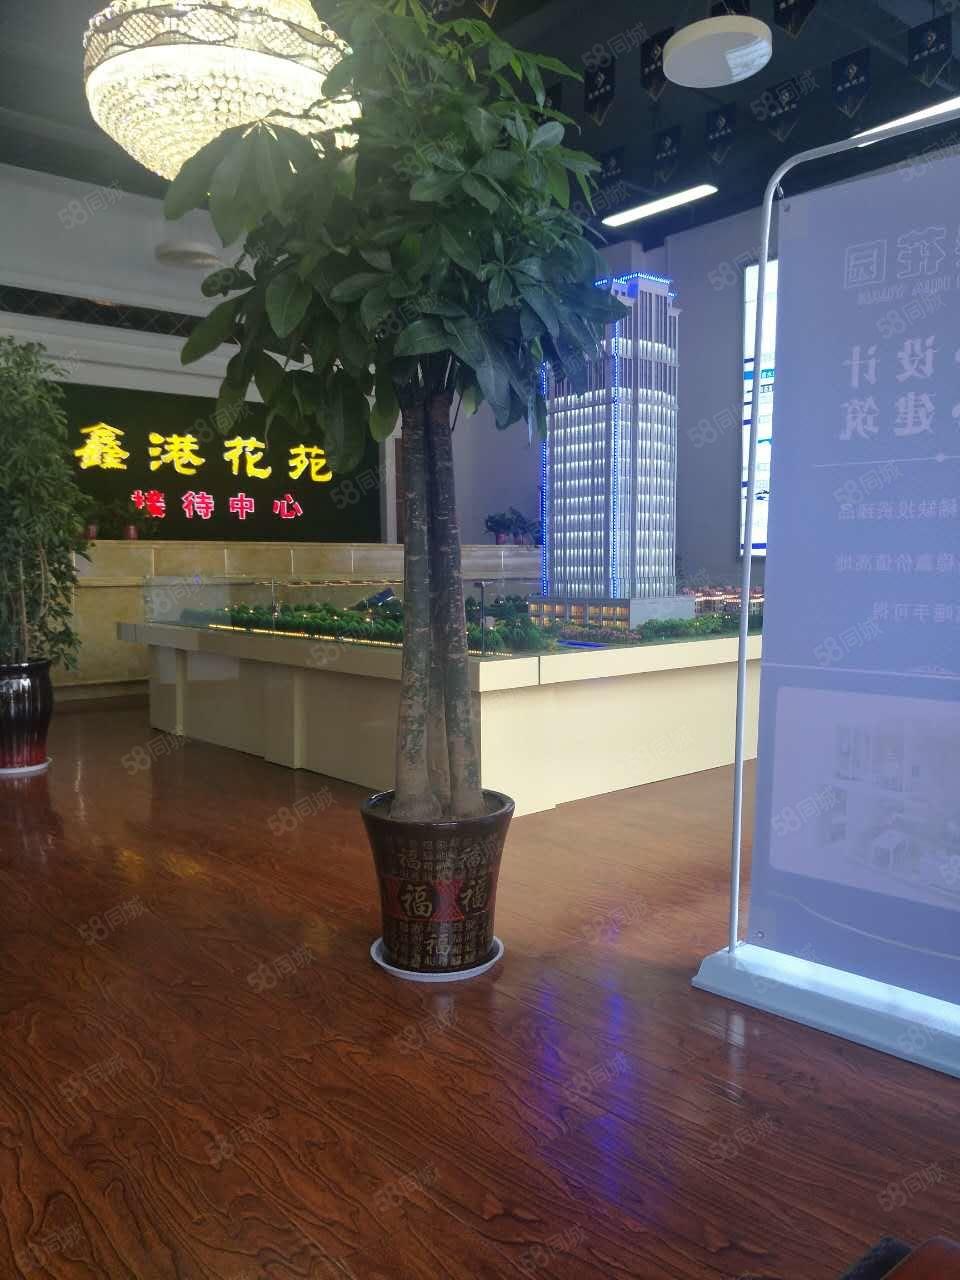 大学南路鑫港花园优质LOTF双气小豪宅临近地铁口